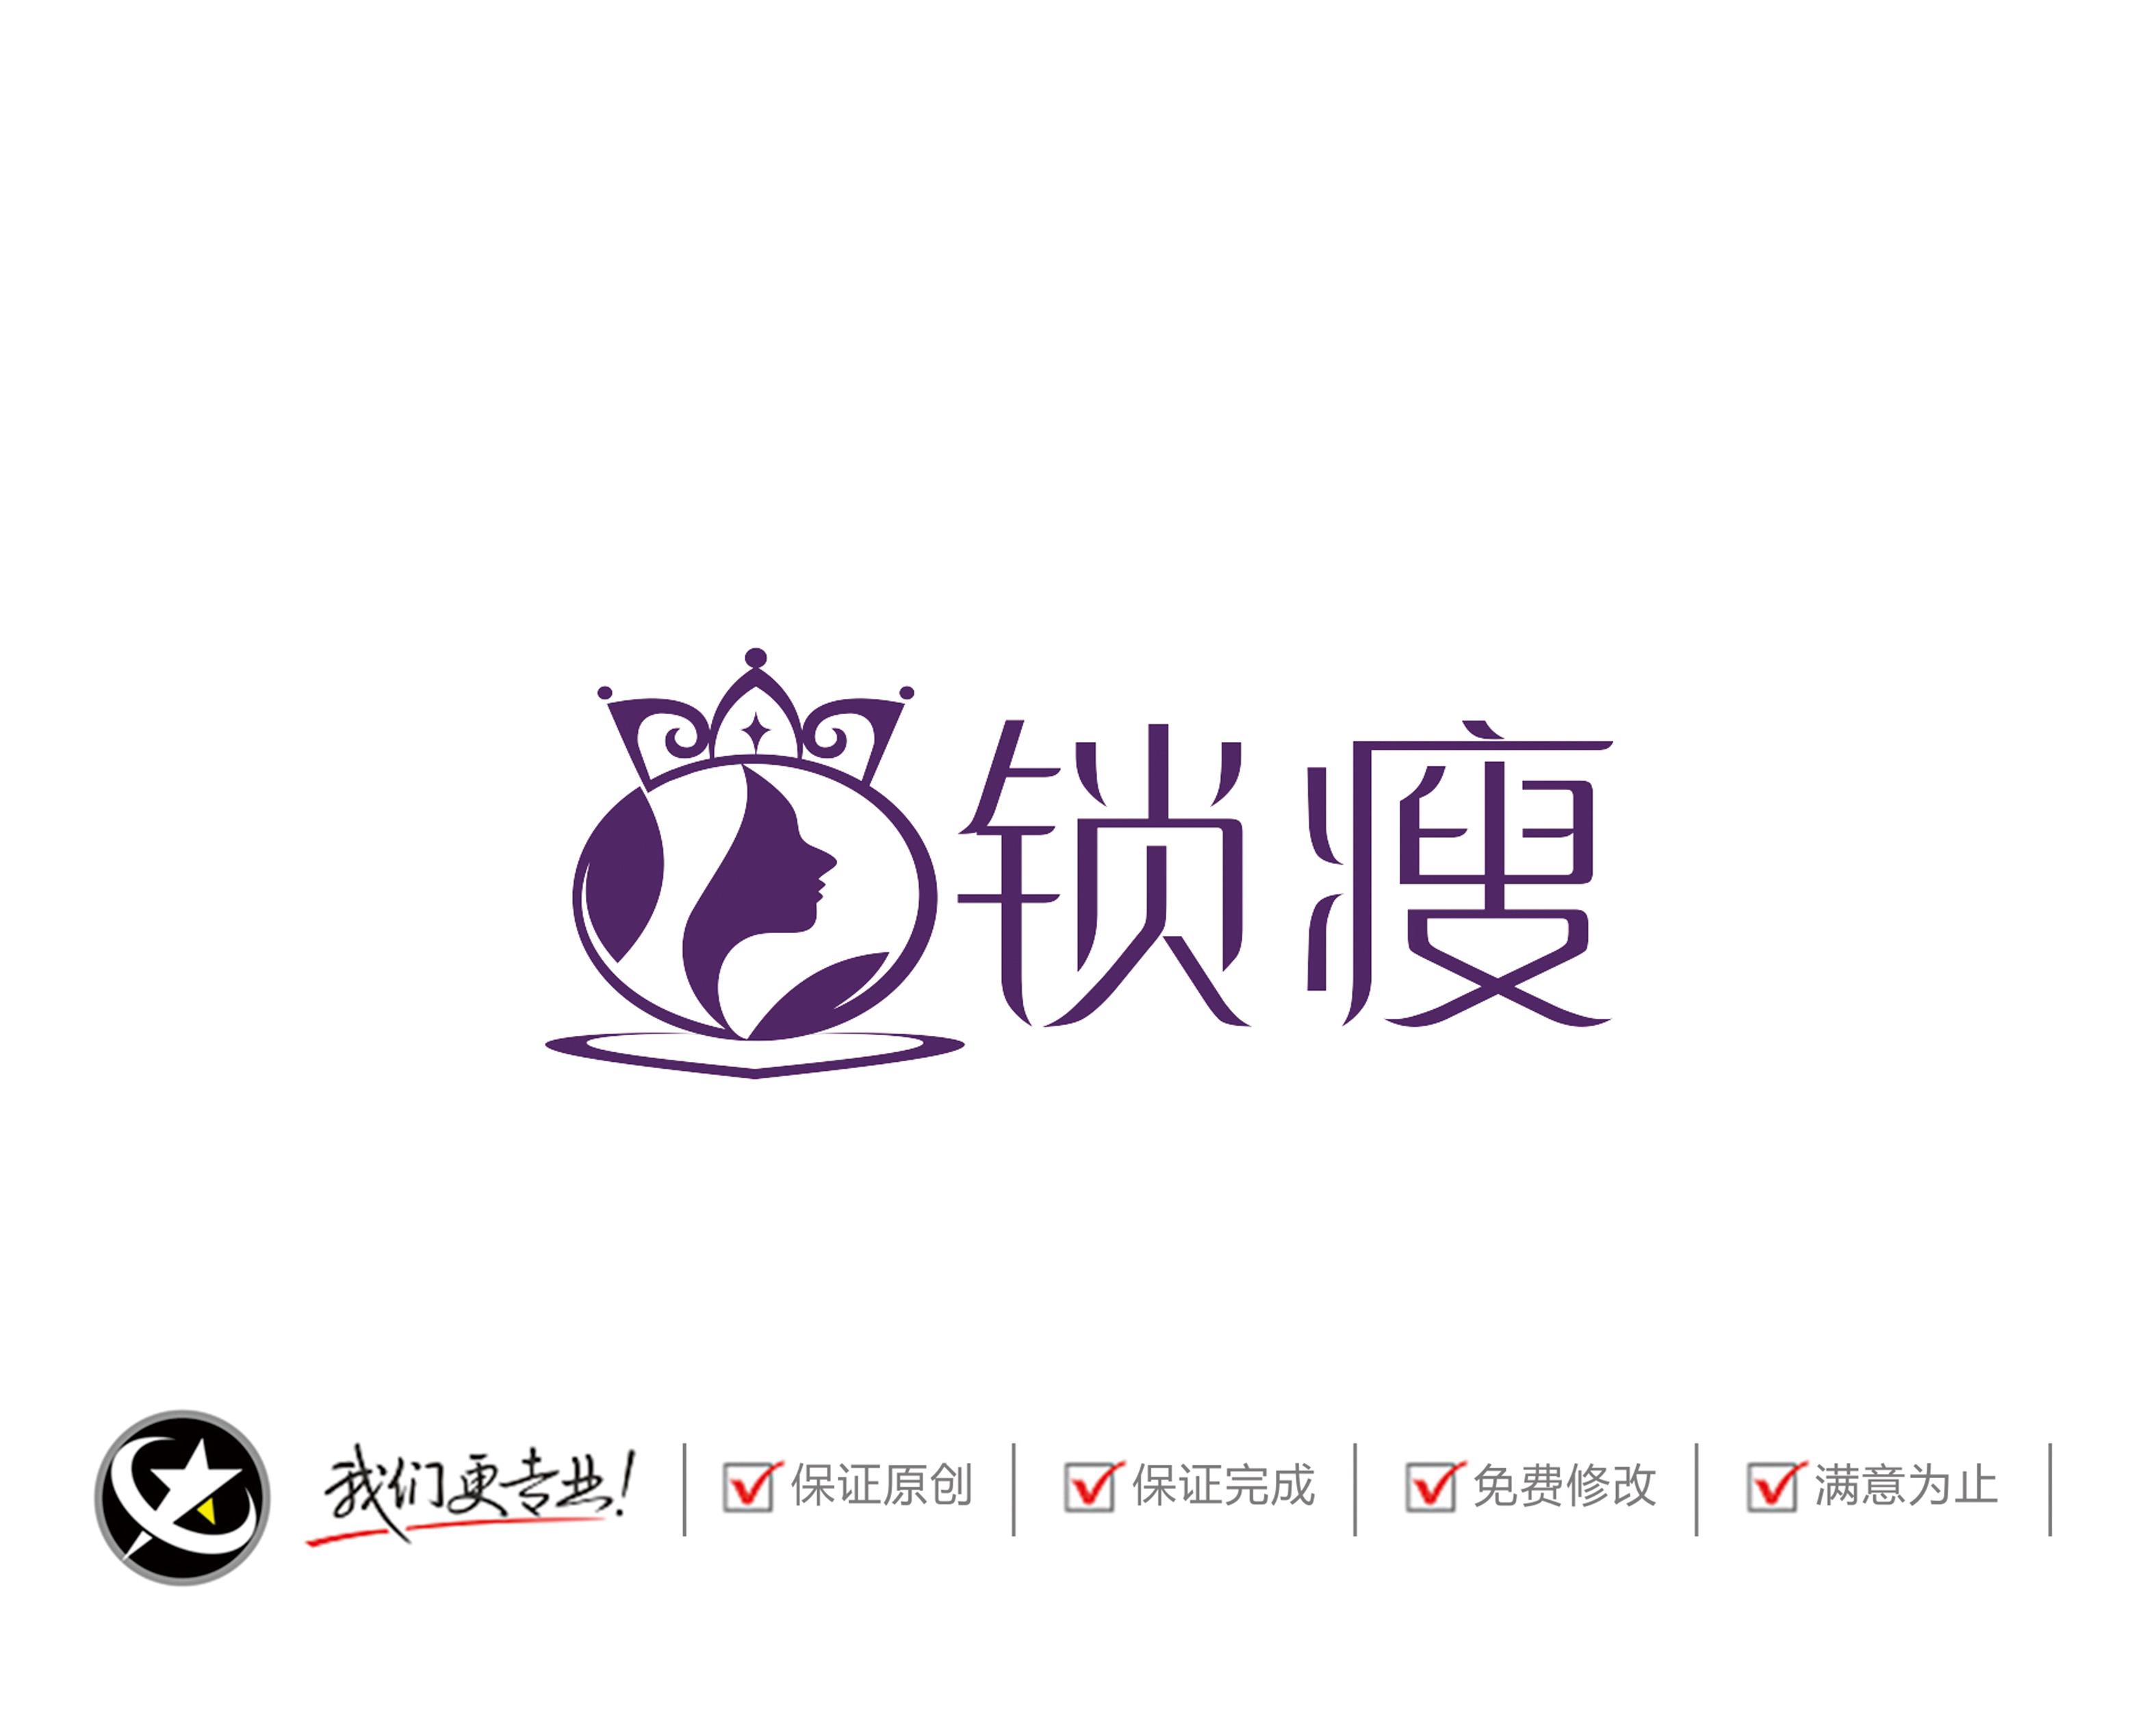 产品logo设计(内容有更新7.14)_3034088_k68威客网